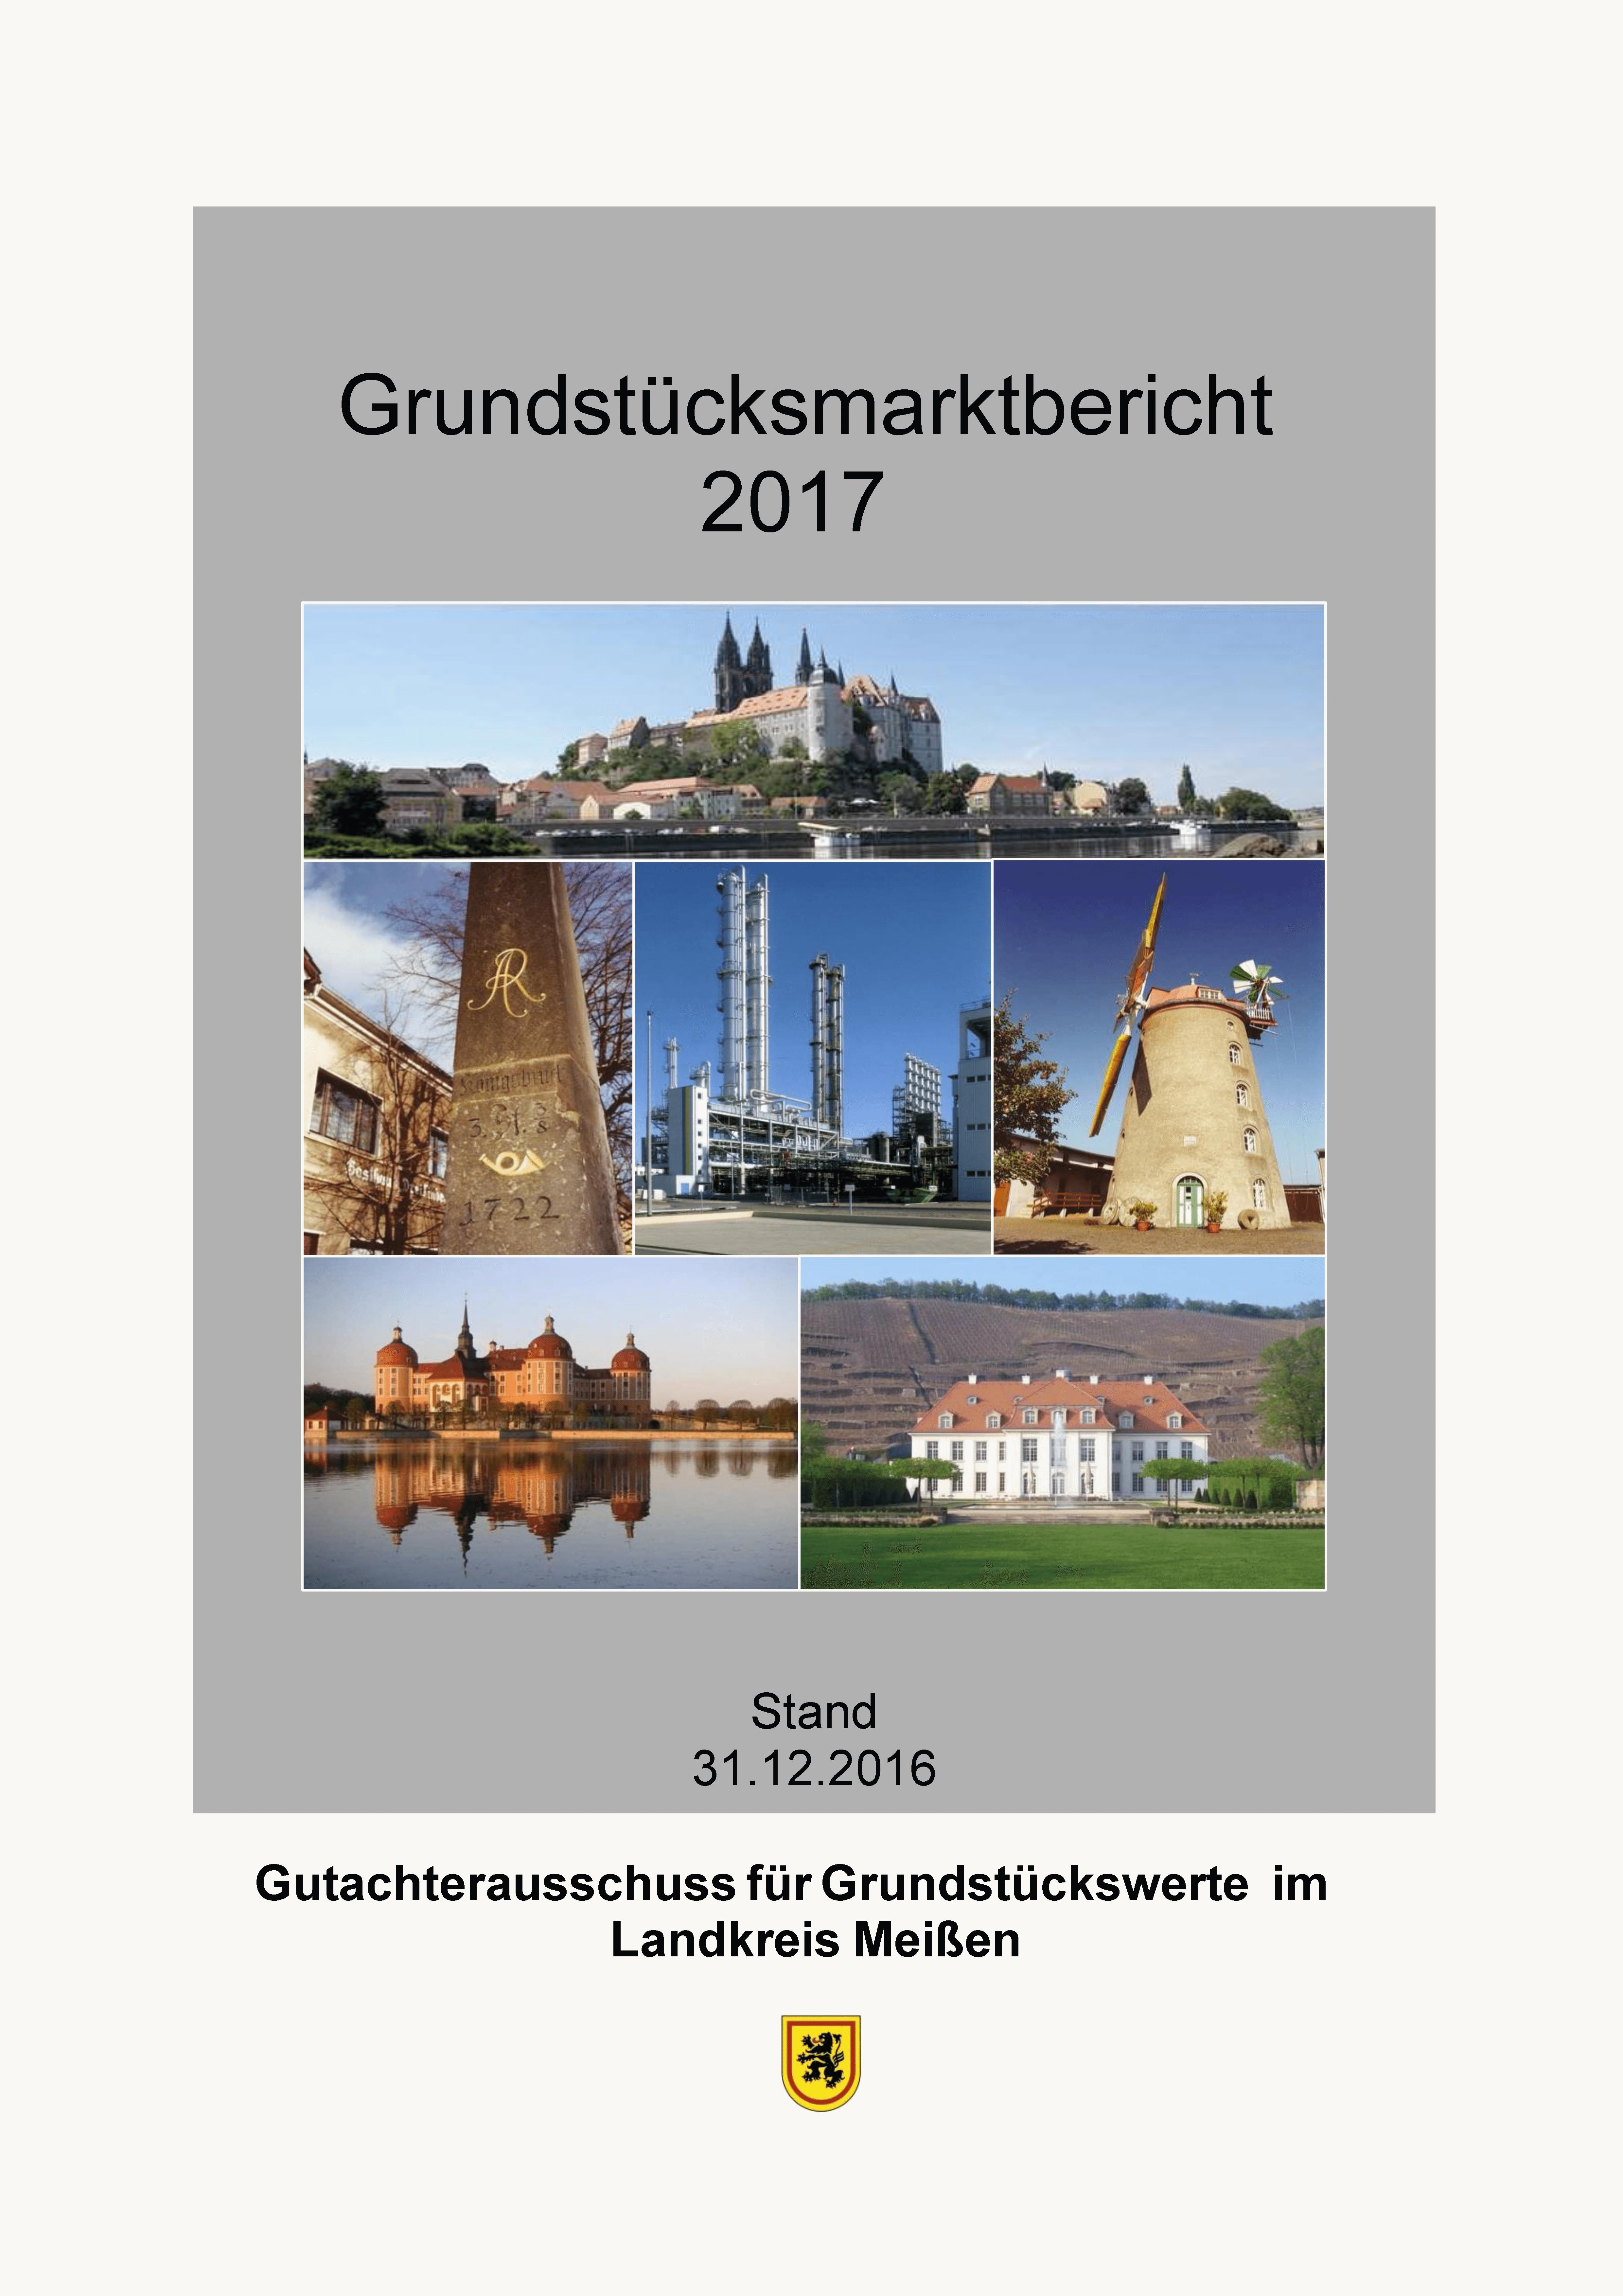 Grundstücksmarktbericht 2017 Landkreis Meißen